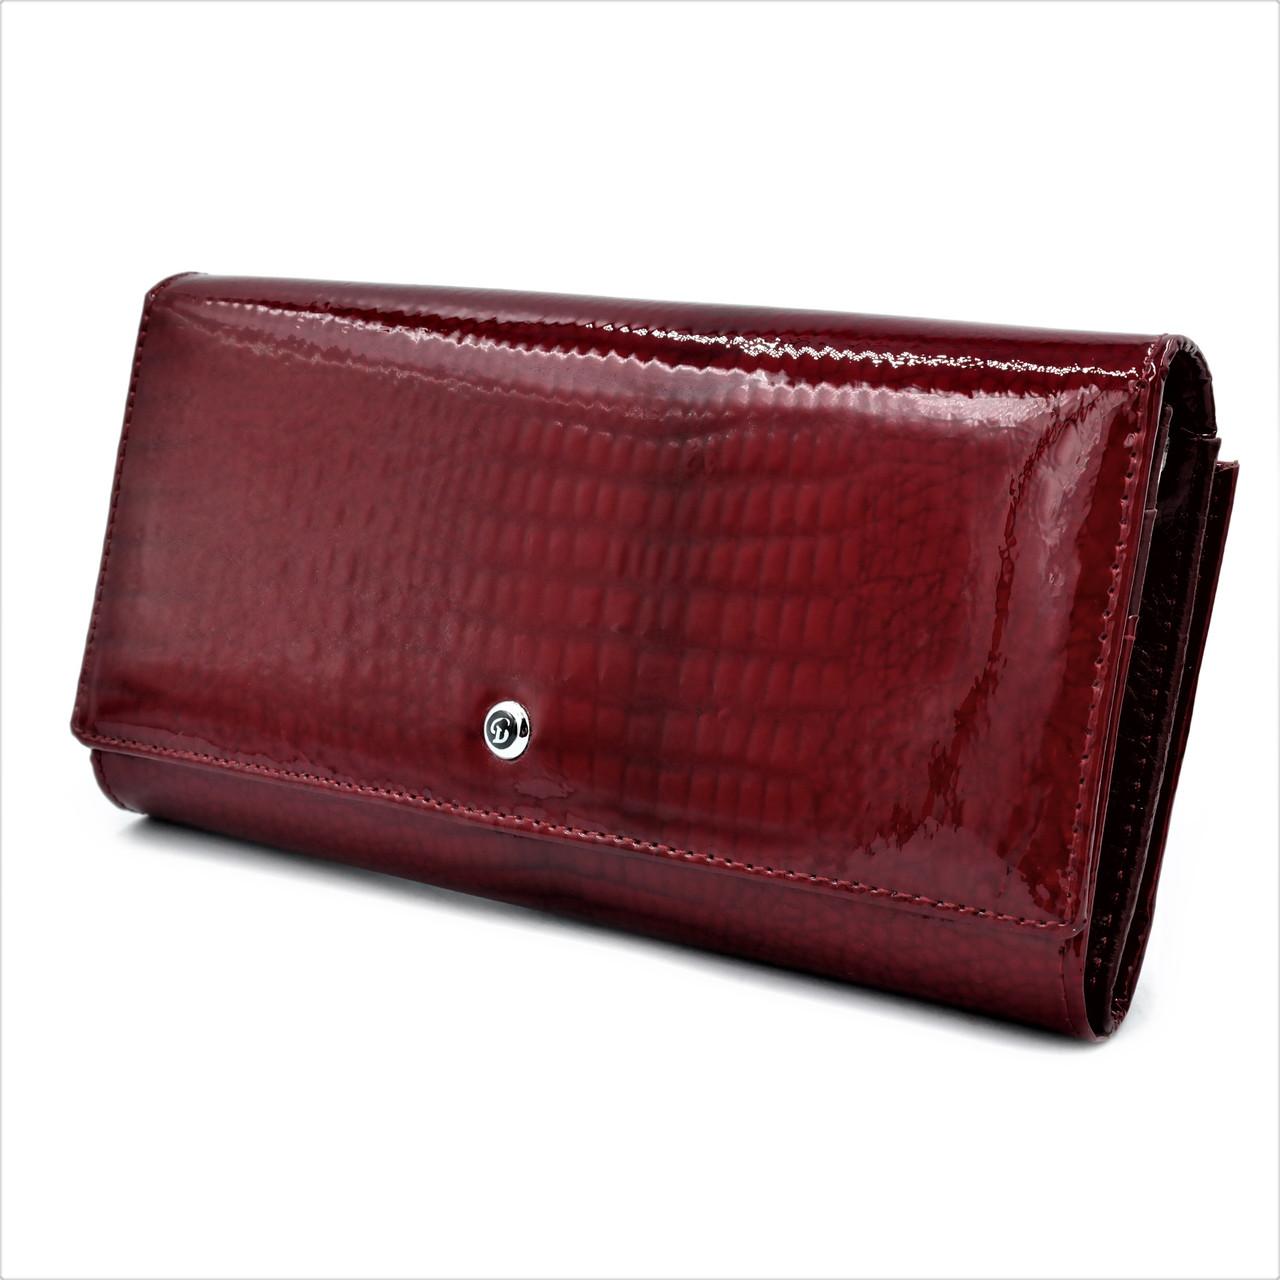 Жіночий шкіряний гаманець Weatro 1013A-B103-2 Червоний